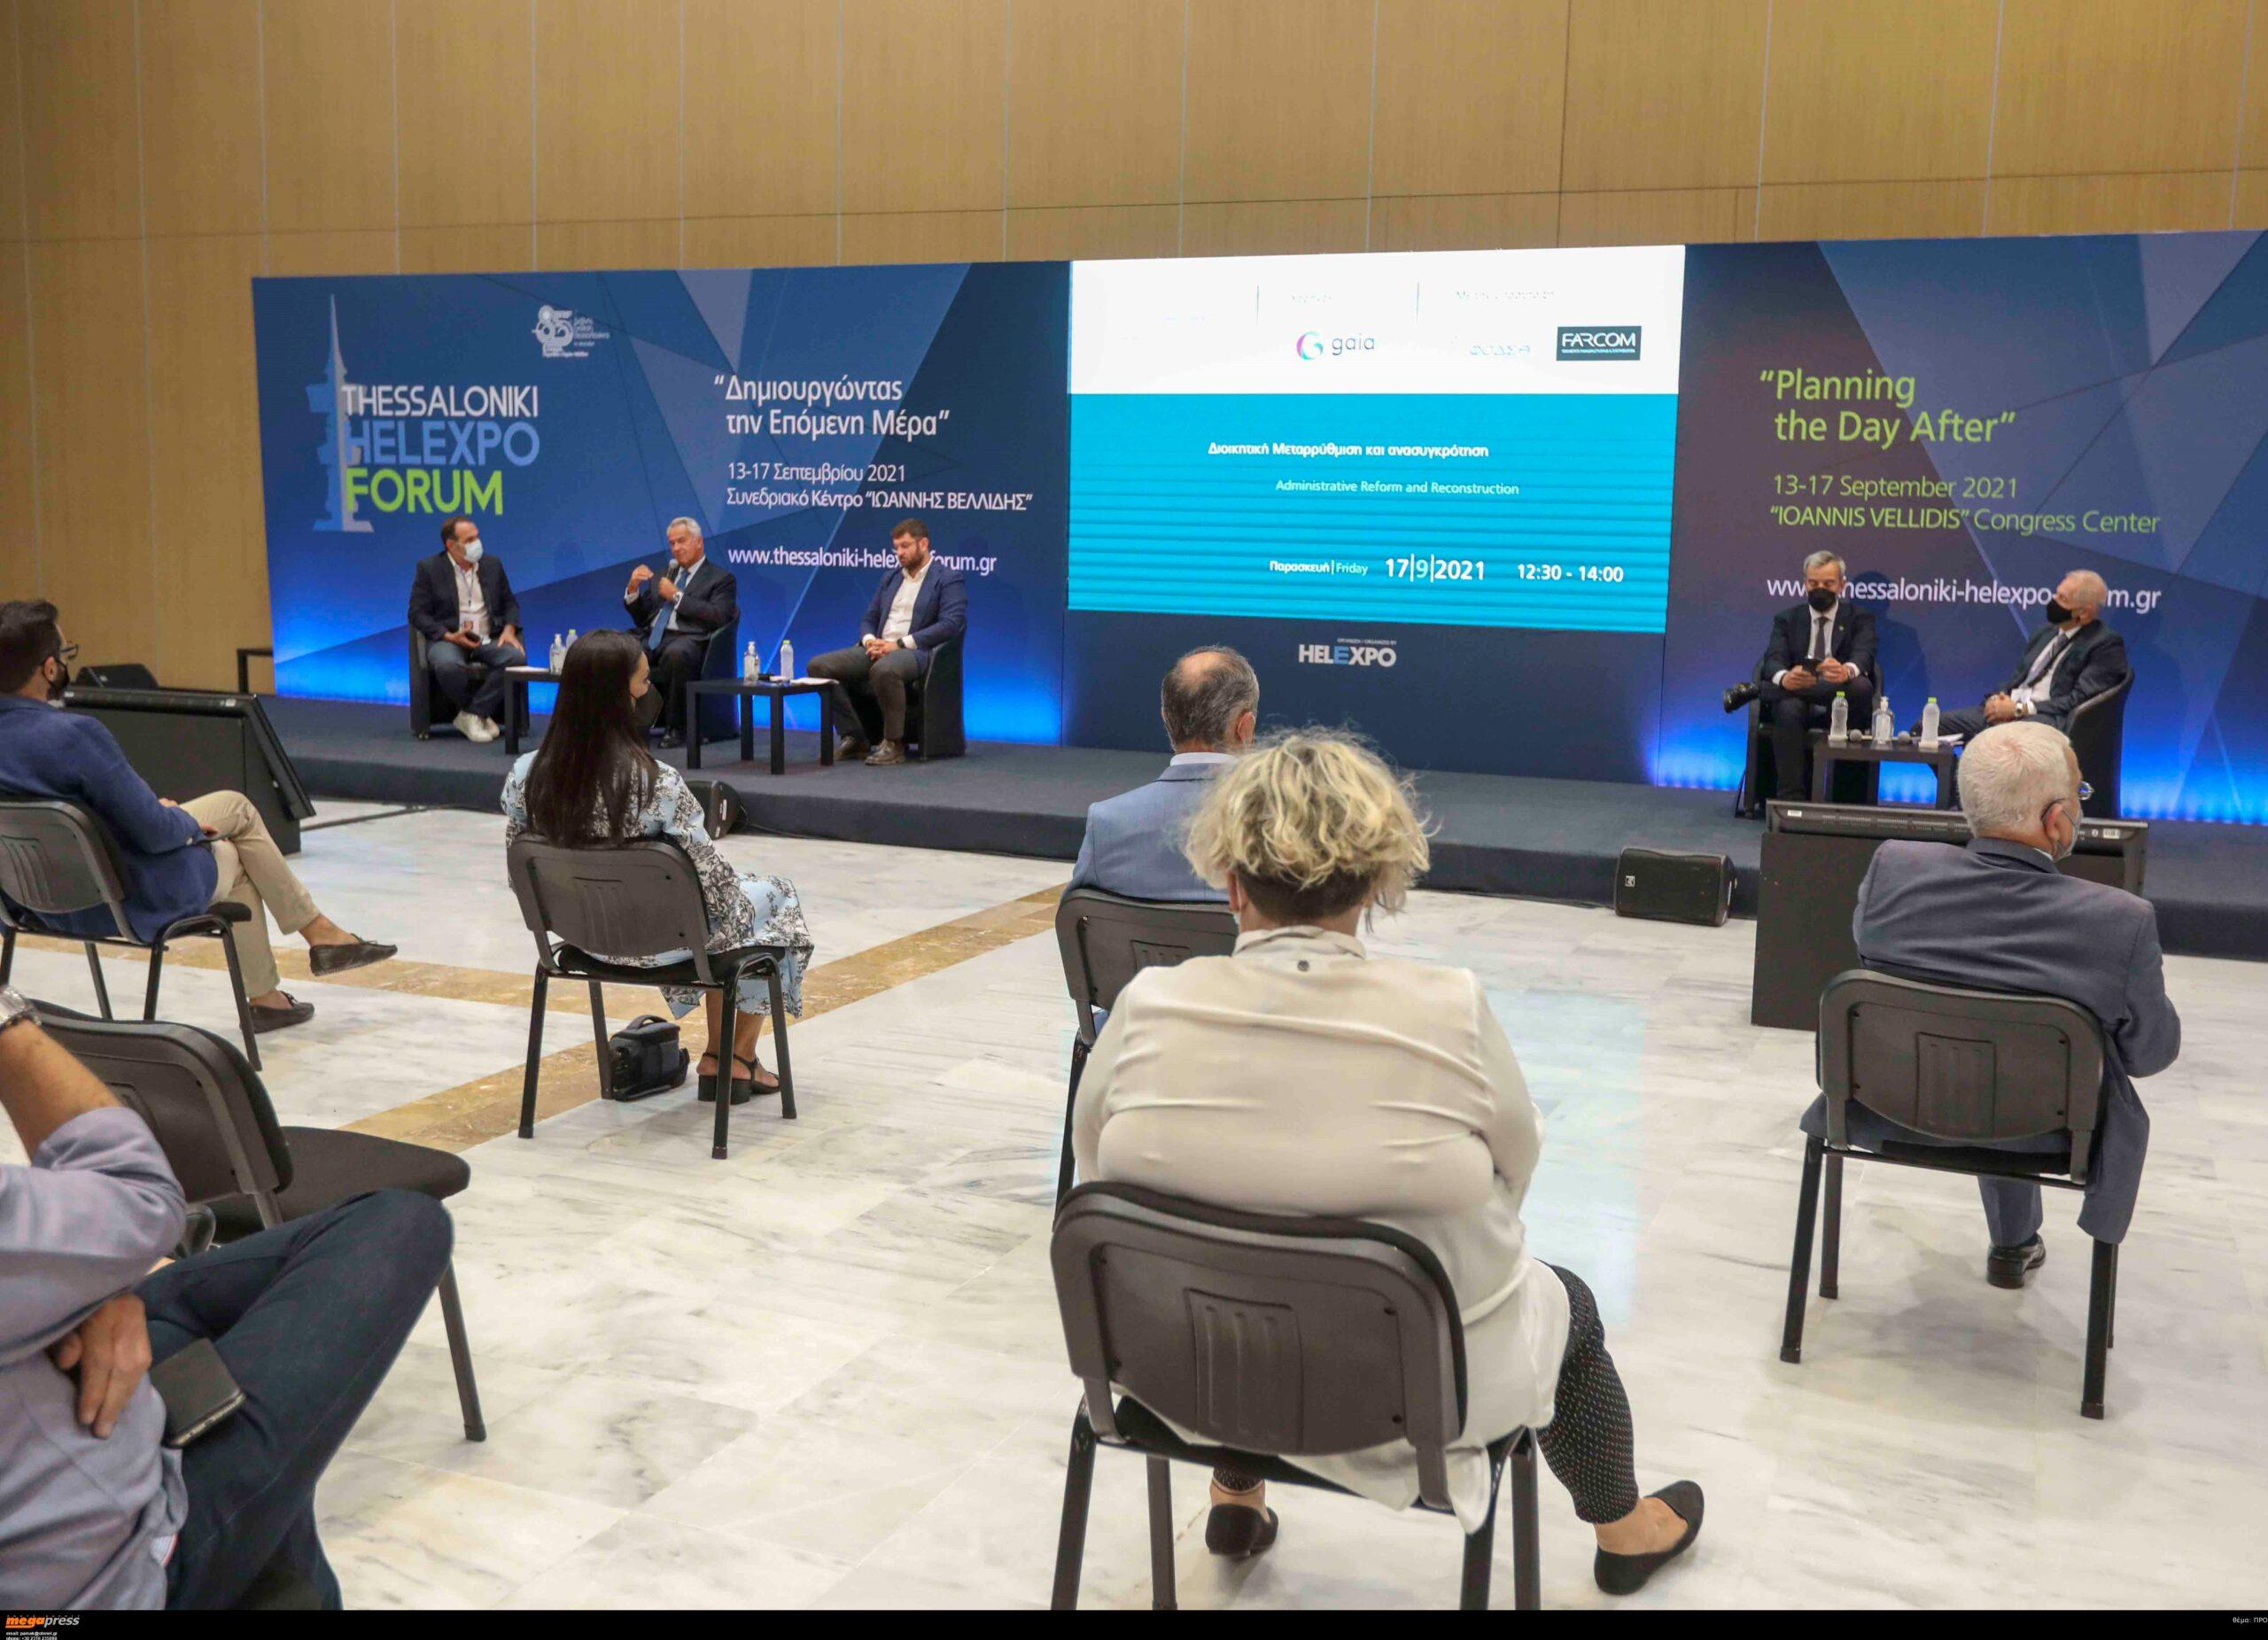 2ο Thessaloniki Helexpo Forum: Υπουργείο Εσωτερικών-Περιφέρειες/Δήμοι: Διοικητική μεταρρύθμιση και ανασυγκρότηση